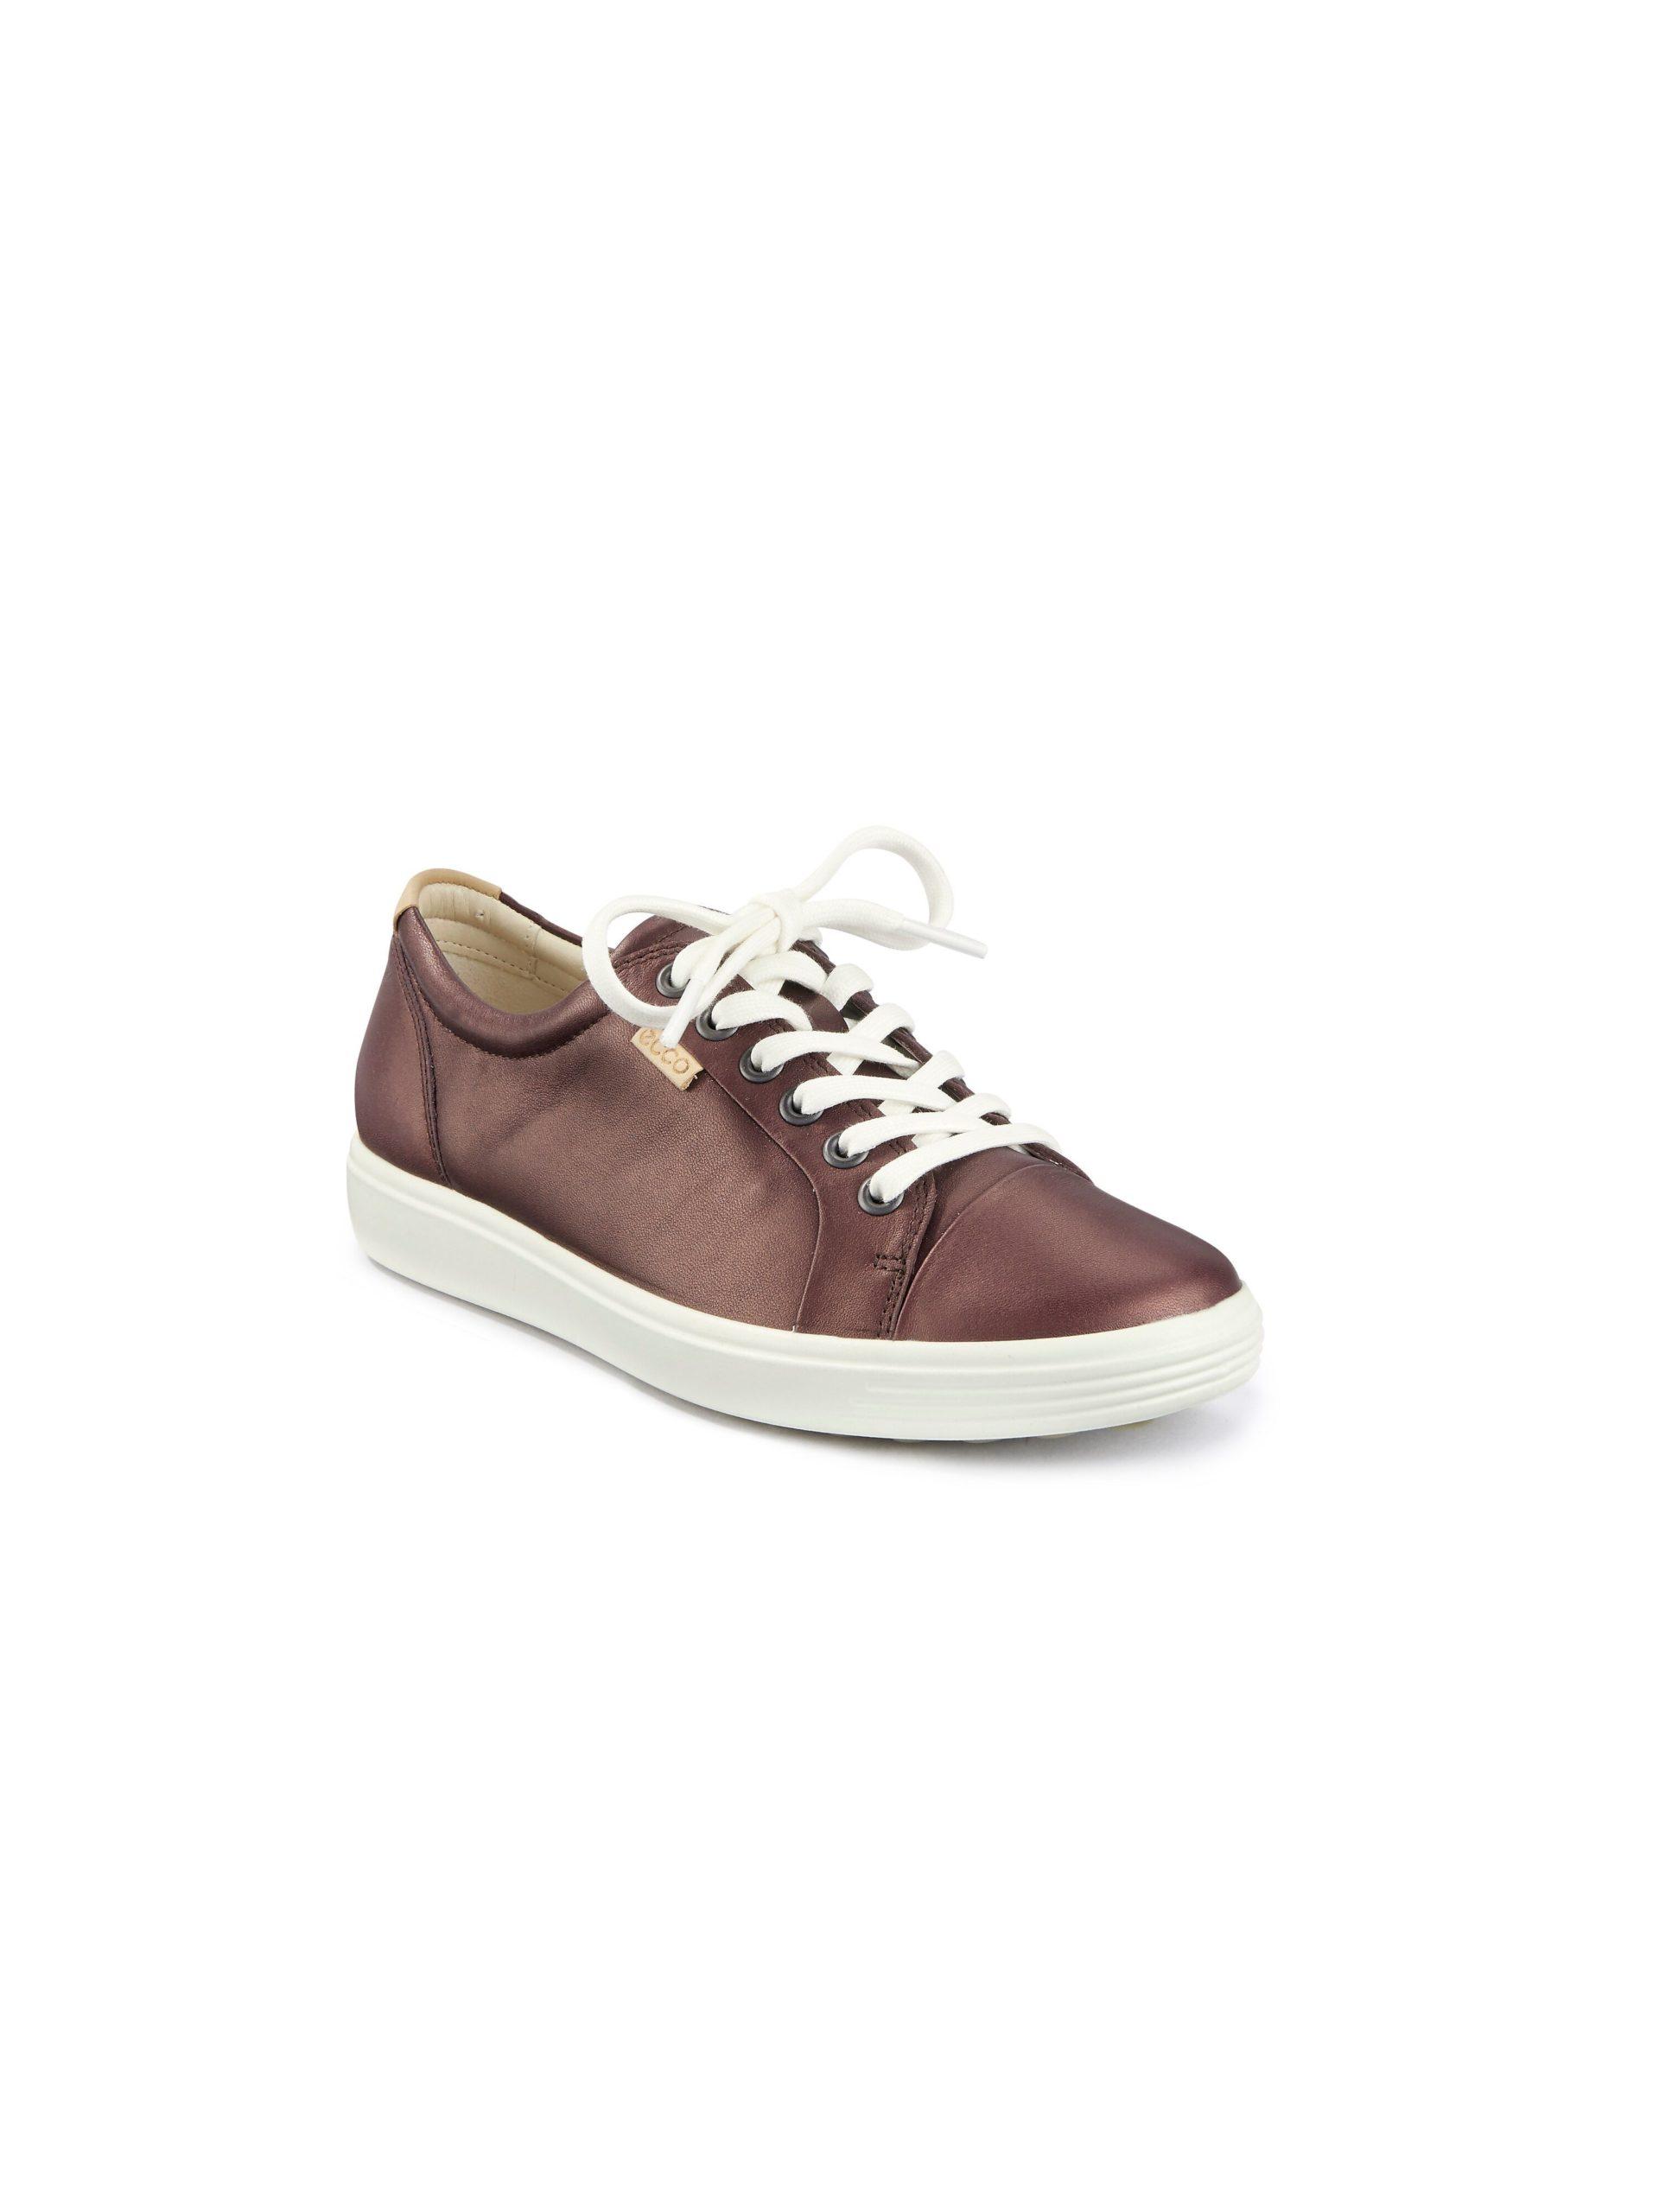 Sneakers model Soft 7 Van Ecco rood Kopen